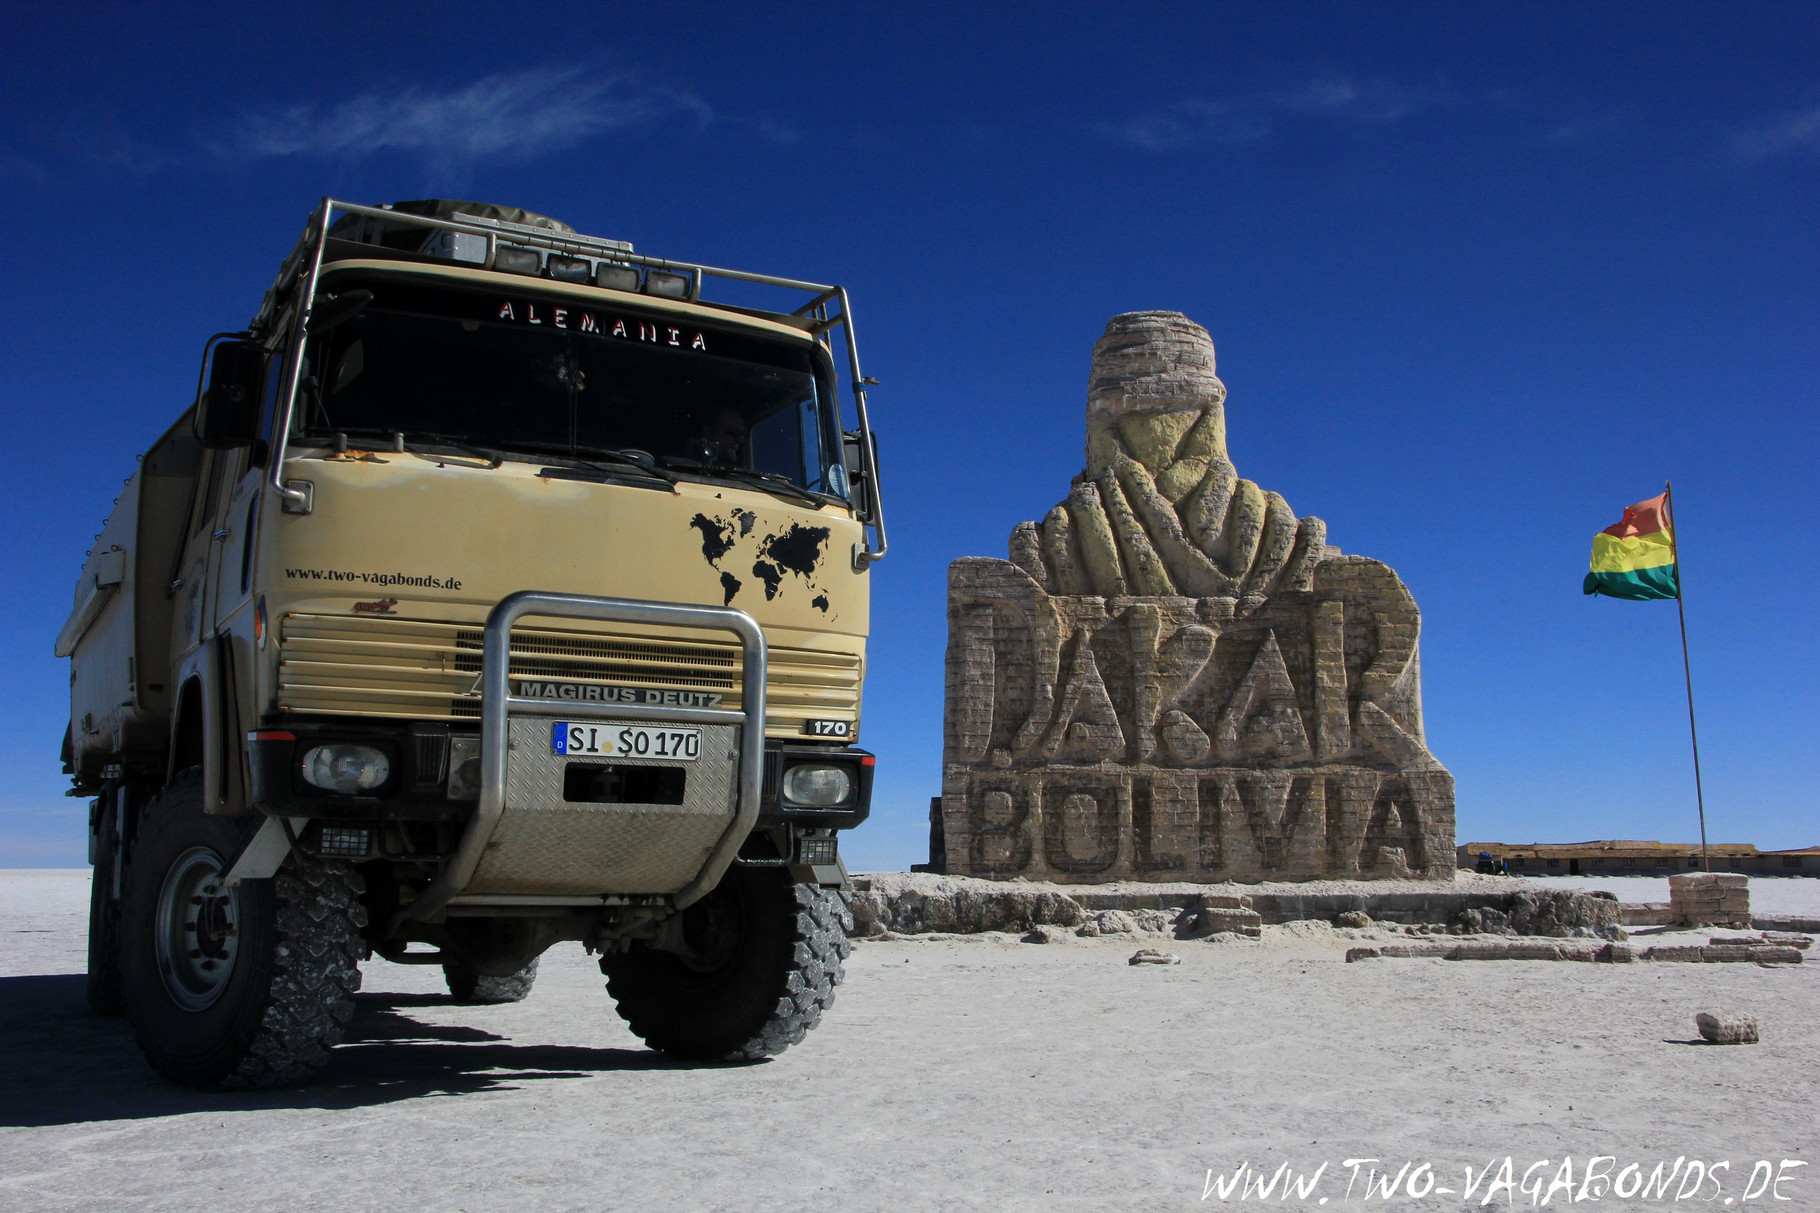 BOLIVIEN 2015 - SALAR DE UYUNI